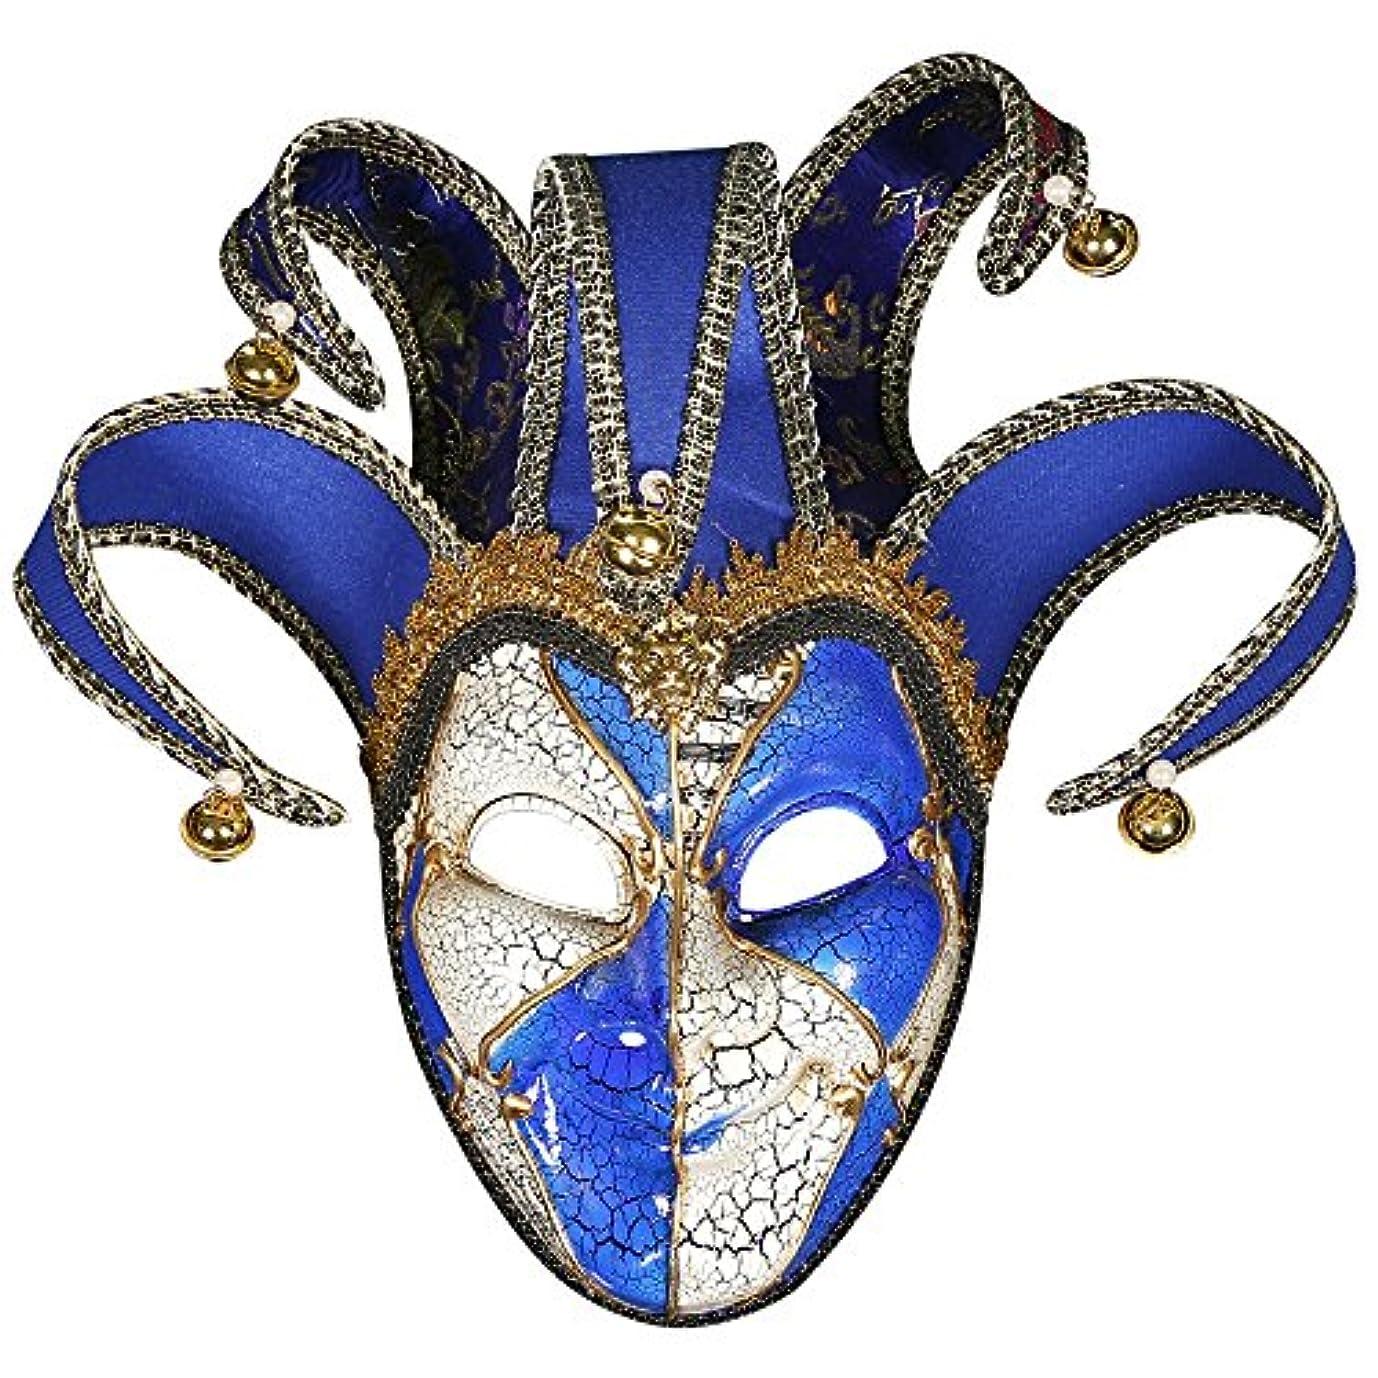 聖なる穴雨のハイエンドの美しいクラックフェスティバル仮面舞踏会マスクハロウィーン誕生日パーティーピエロマスク